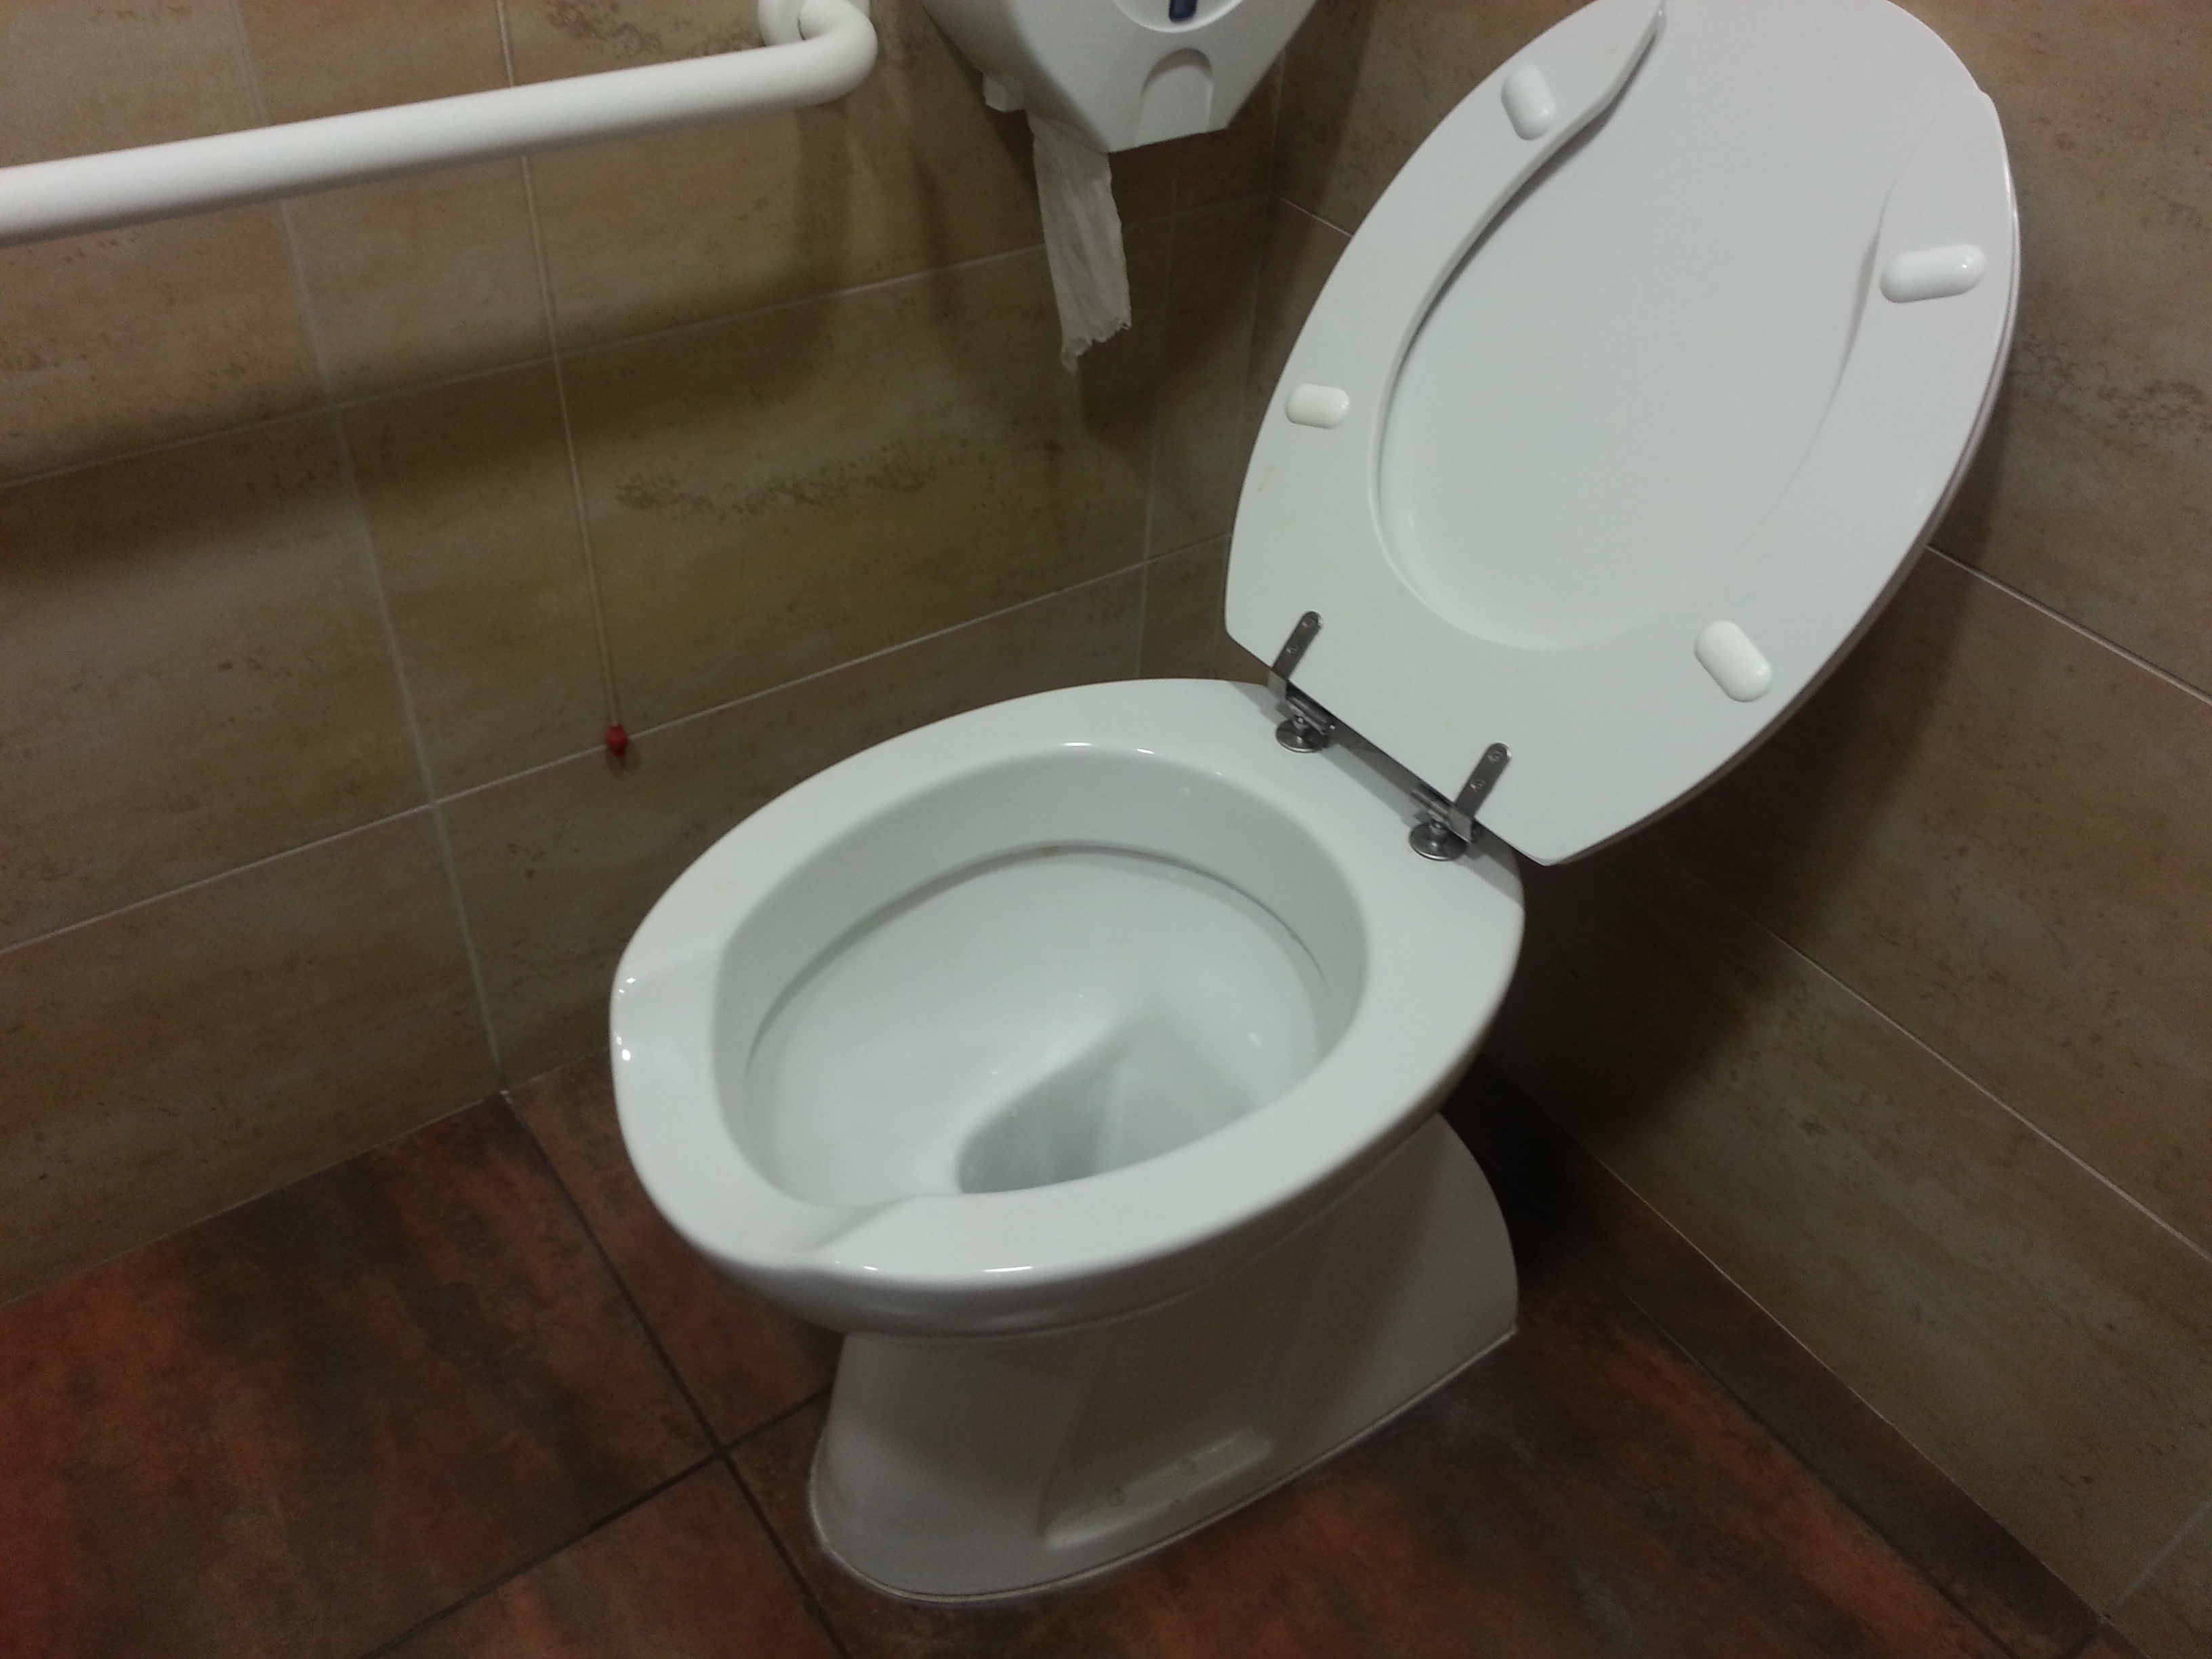 Sedili Wc Per Disabili : Sedile wc copriwater per modello maia disabili marca dolomite u20ac 59